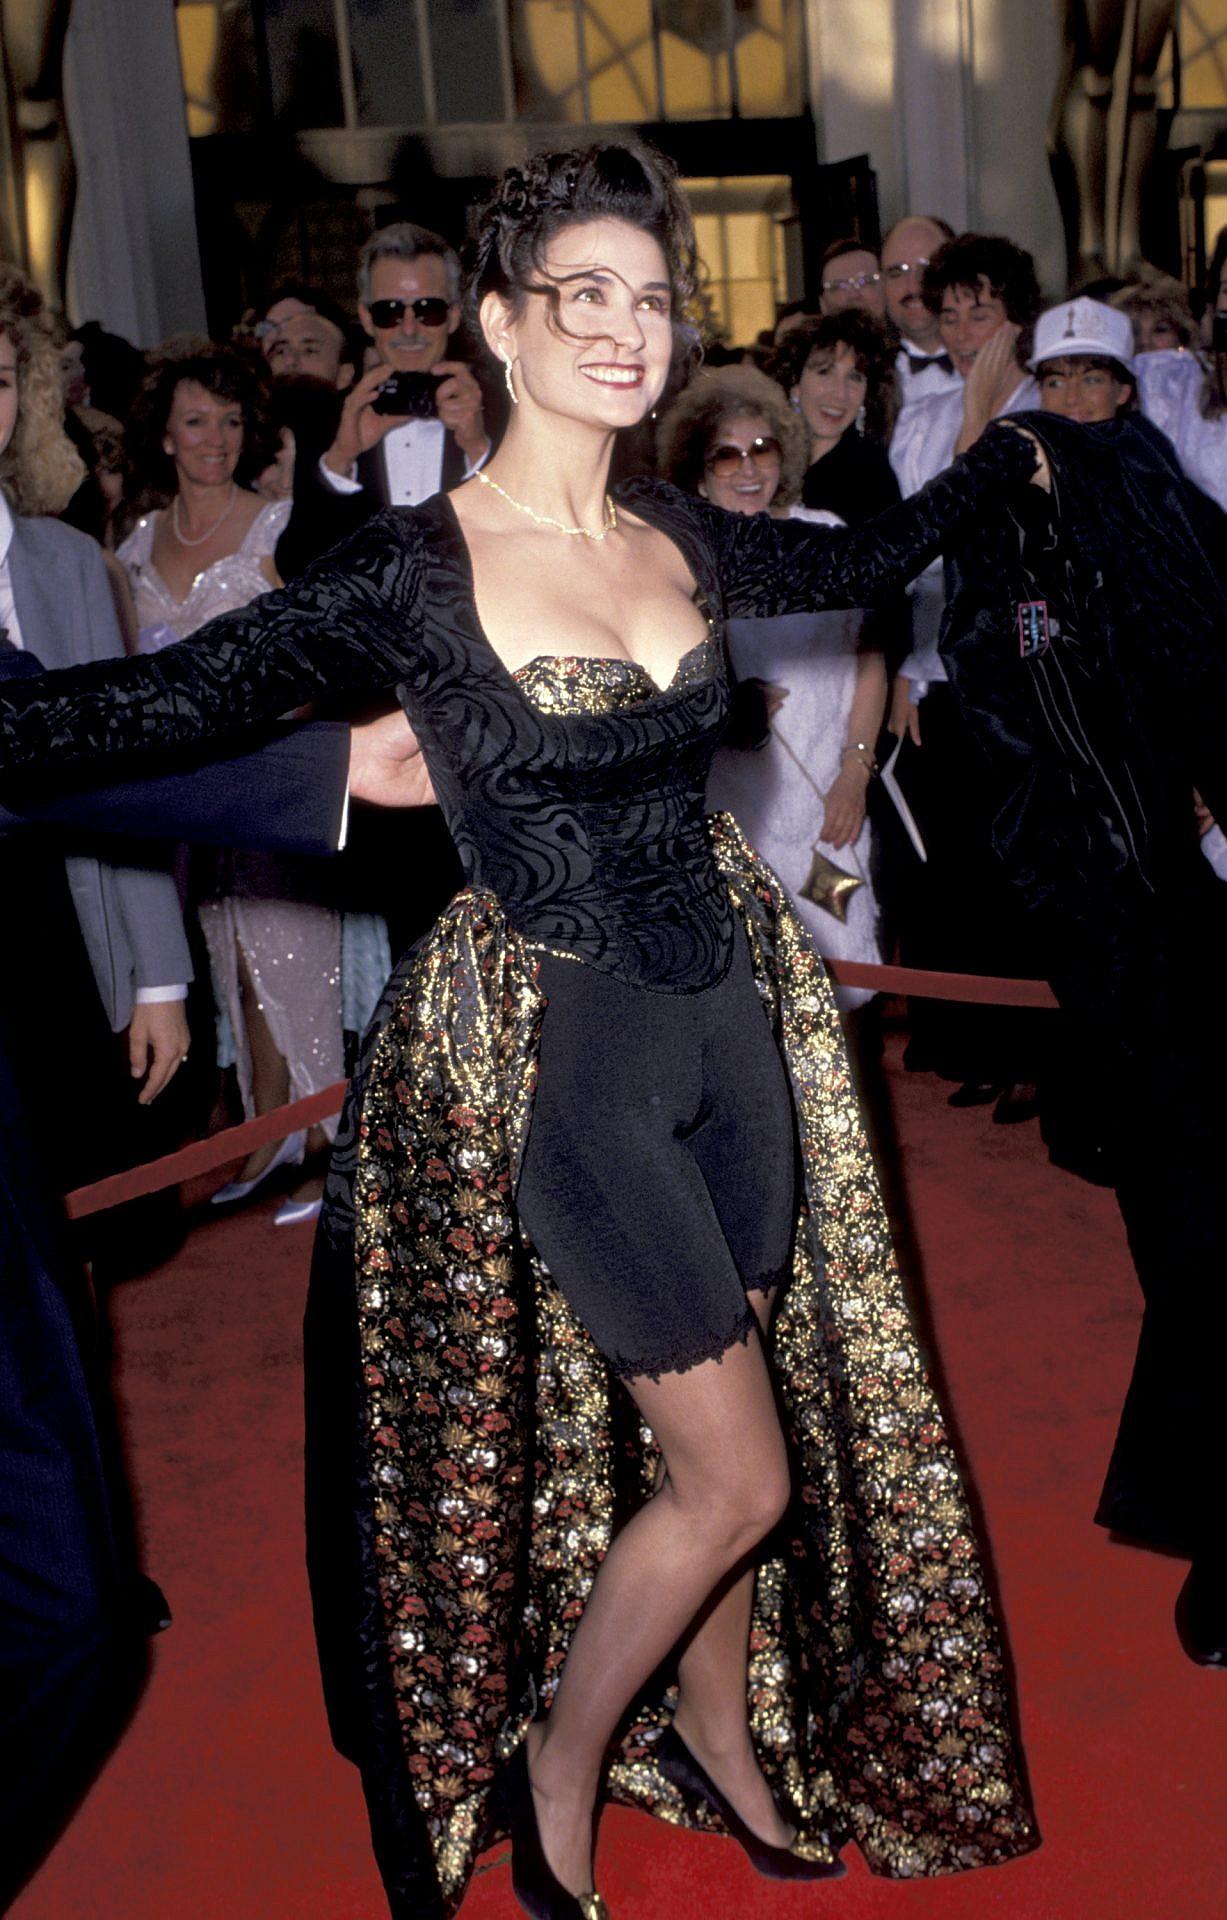 השנה בה דמי מור החליטה שהיא לא תהיה מעצבת אופנה. צילום: GettyImages/Jim smeal